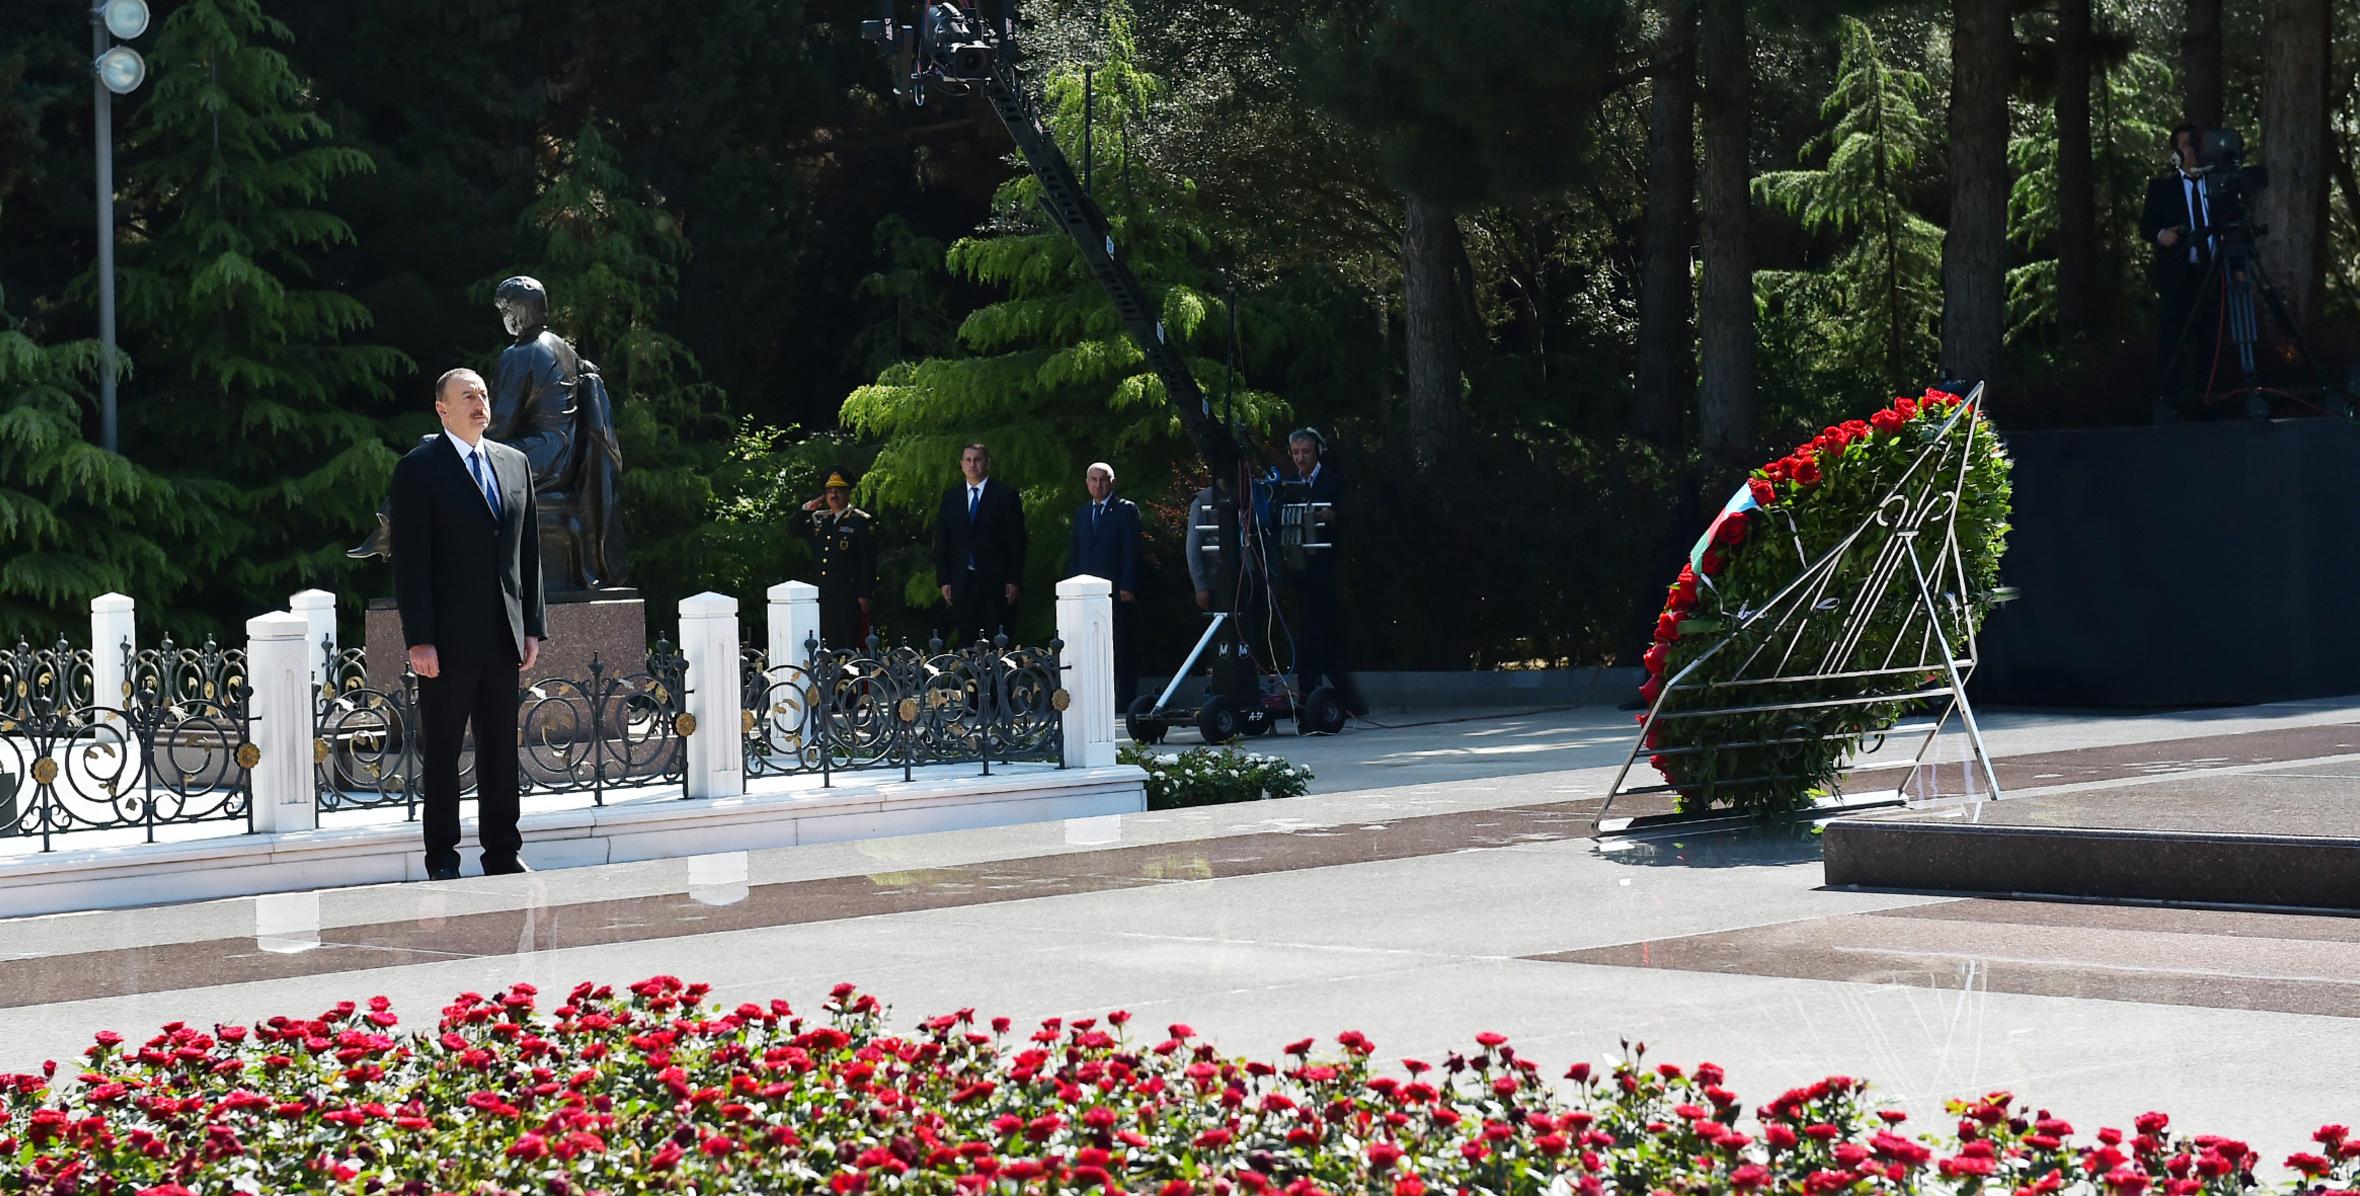 Prezident İlham Əliyev ümummilli lider Heydər Əliyevin məzarını ziyarət edib